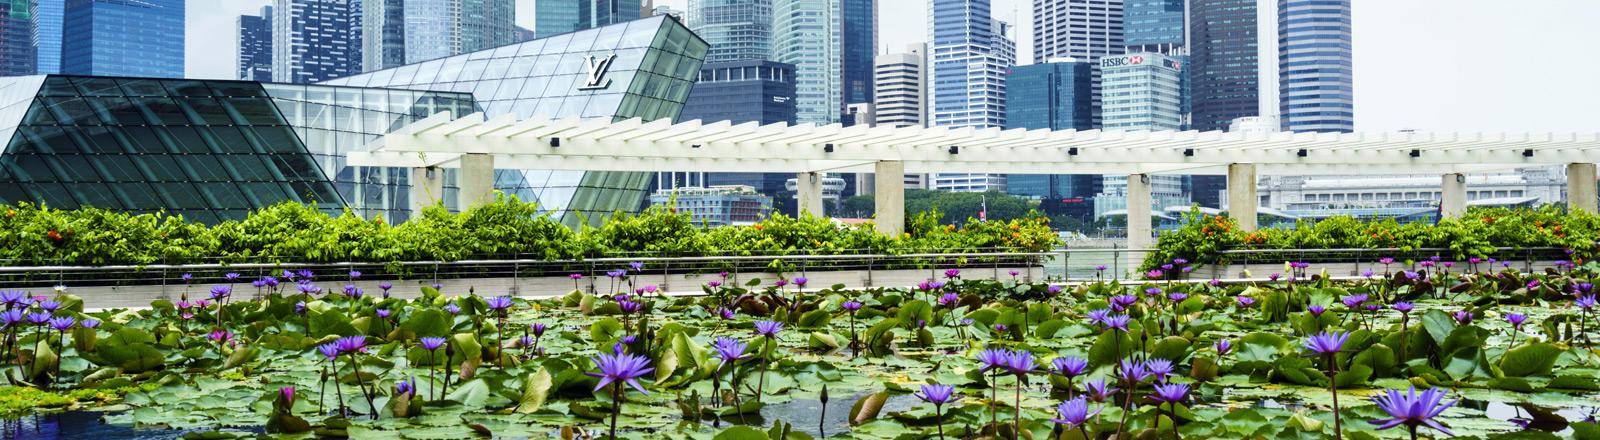 Ein Seerosenteich vor der Skyline von Singapur.